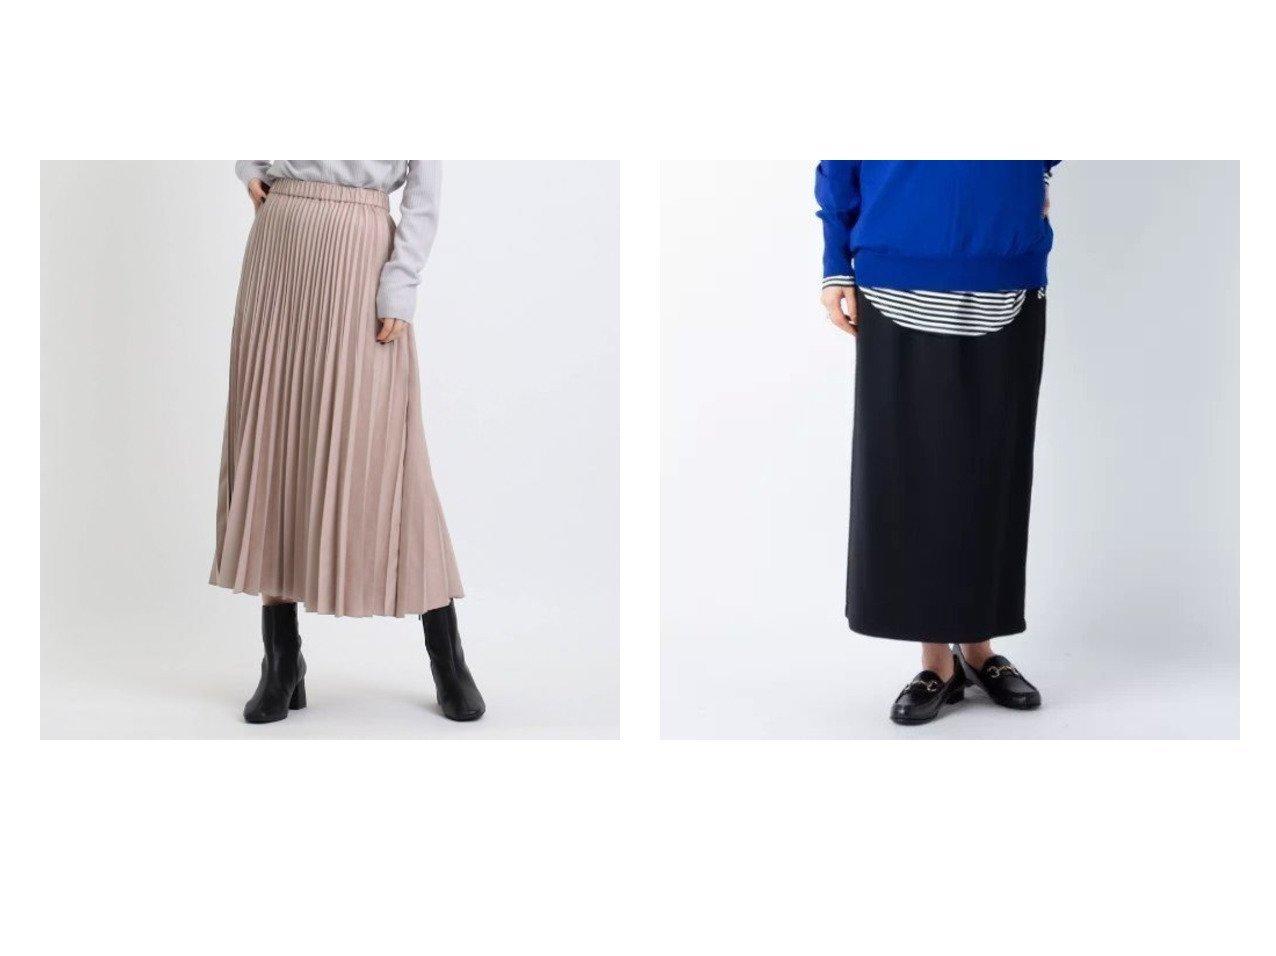 【NOLLEY'S/ノーリーズ】のメリル裏起毛イージースカート&【INDIVI/インディヴィ】のフェイクスエードプリーツスカート 【スカート】おすすめ!人気、トレンド・レディースファッションの通販 おすすめで人気の流行・トレンド、ファッションの通販商品 インテリア・家具・メンズファッション・キッズファッション・レディースファッション・服の通販 founy(ファニー) https://founy.com/ ファッション Fashion レディースファッション WOMEN スカート Skirt プリーツスカート Pleated Skirts 2021年 2021 2021-2022秋冬・A/W AW・Autumn/Winter・FW・Fall-Winter・2021-2022 A/W・秋冬 AW・Autumn/Winter・FW・Fall-Winter マキシ ロング 軽量 ギャザー フェイクスエード プリーツ ポケット レギュラー  ID:crp329100000074892